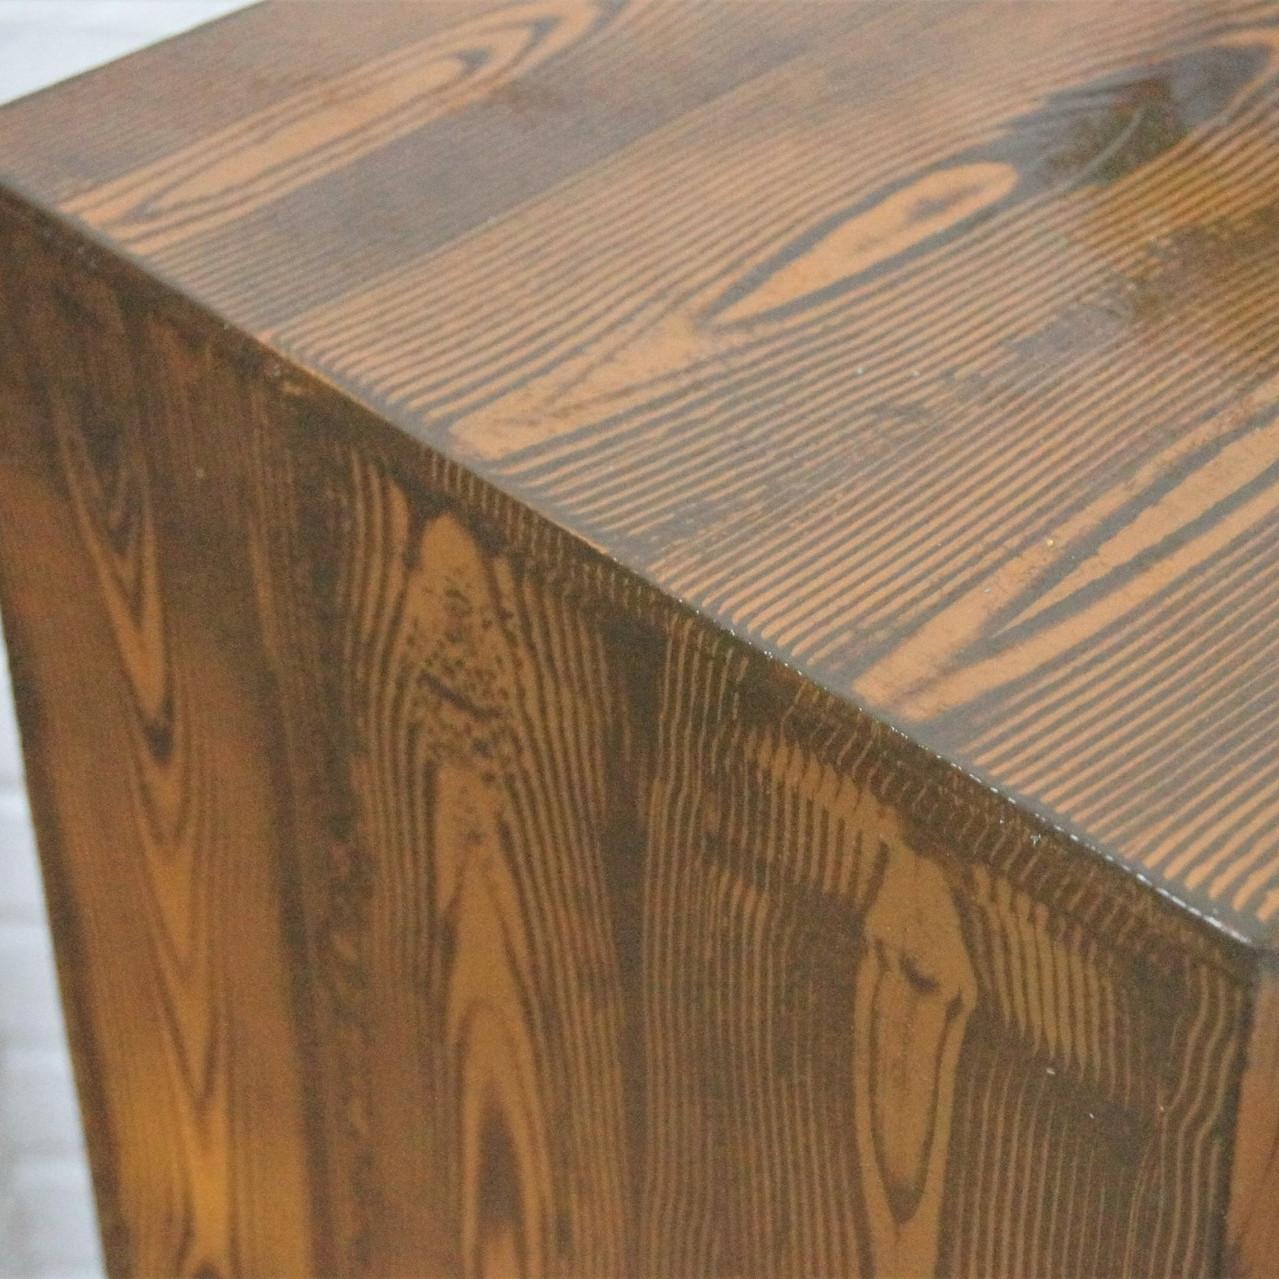 โต๊ะลากลายไม้_๒๐๐๖๑๖_0001